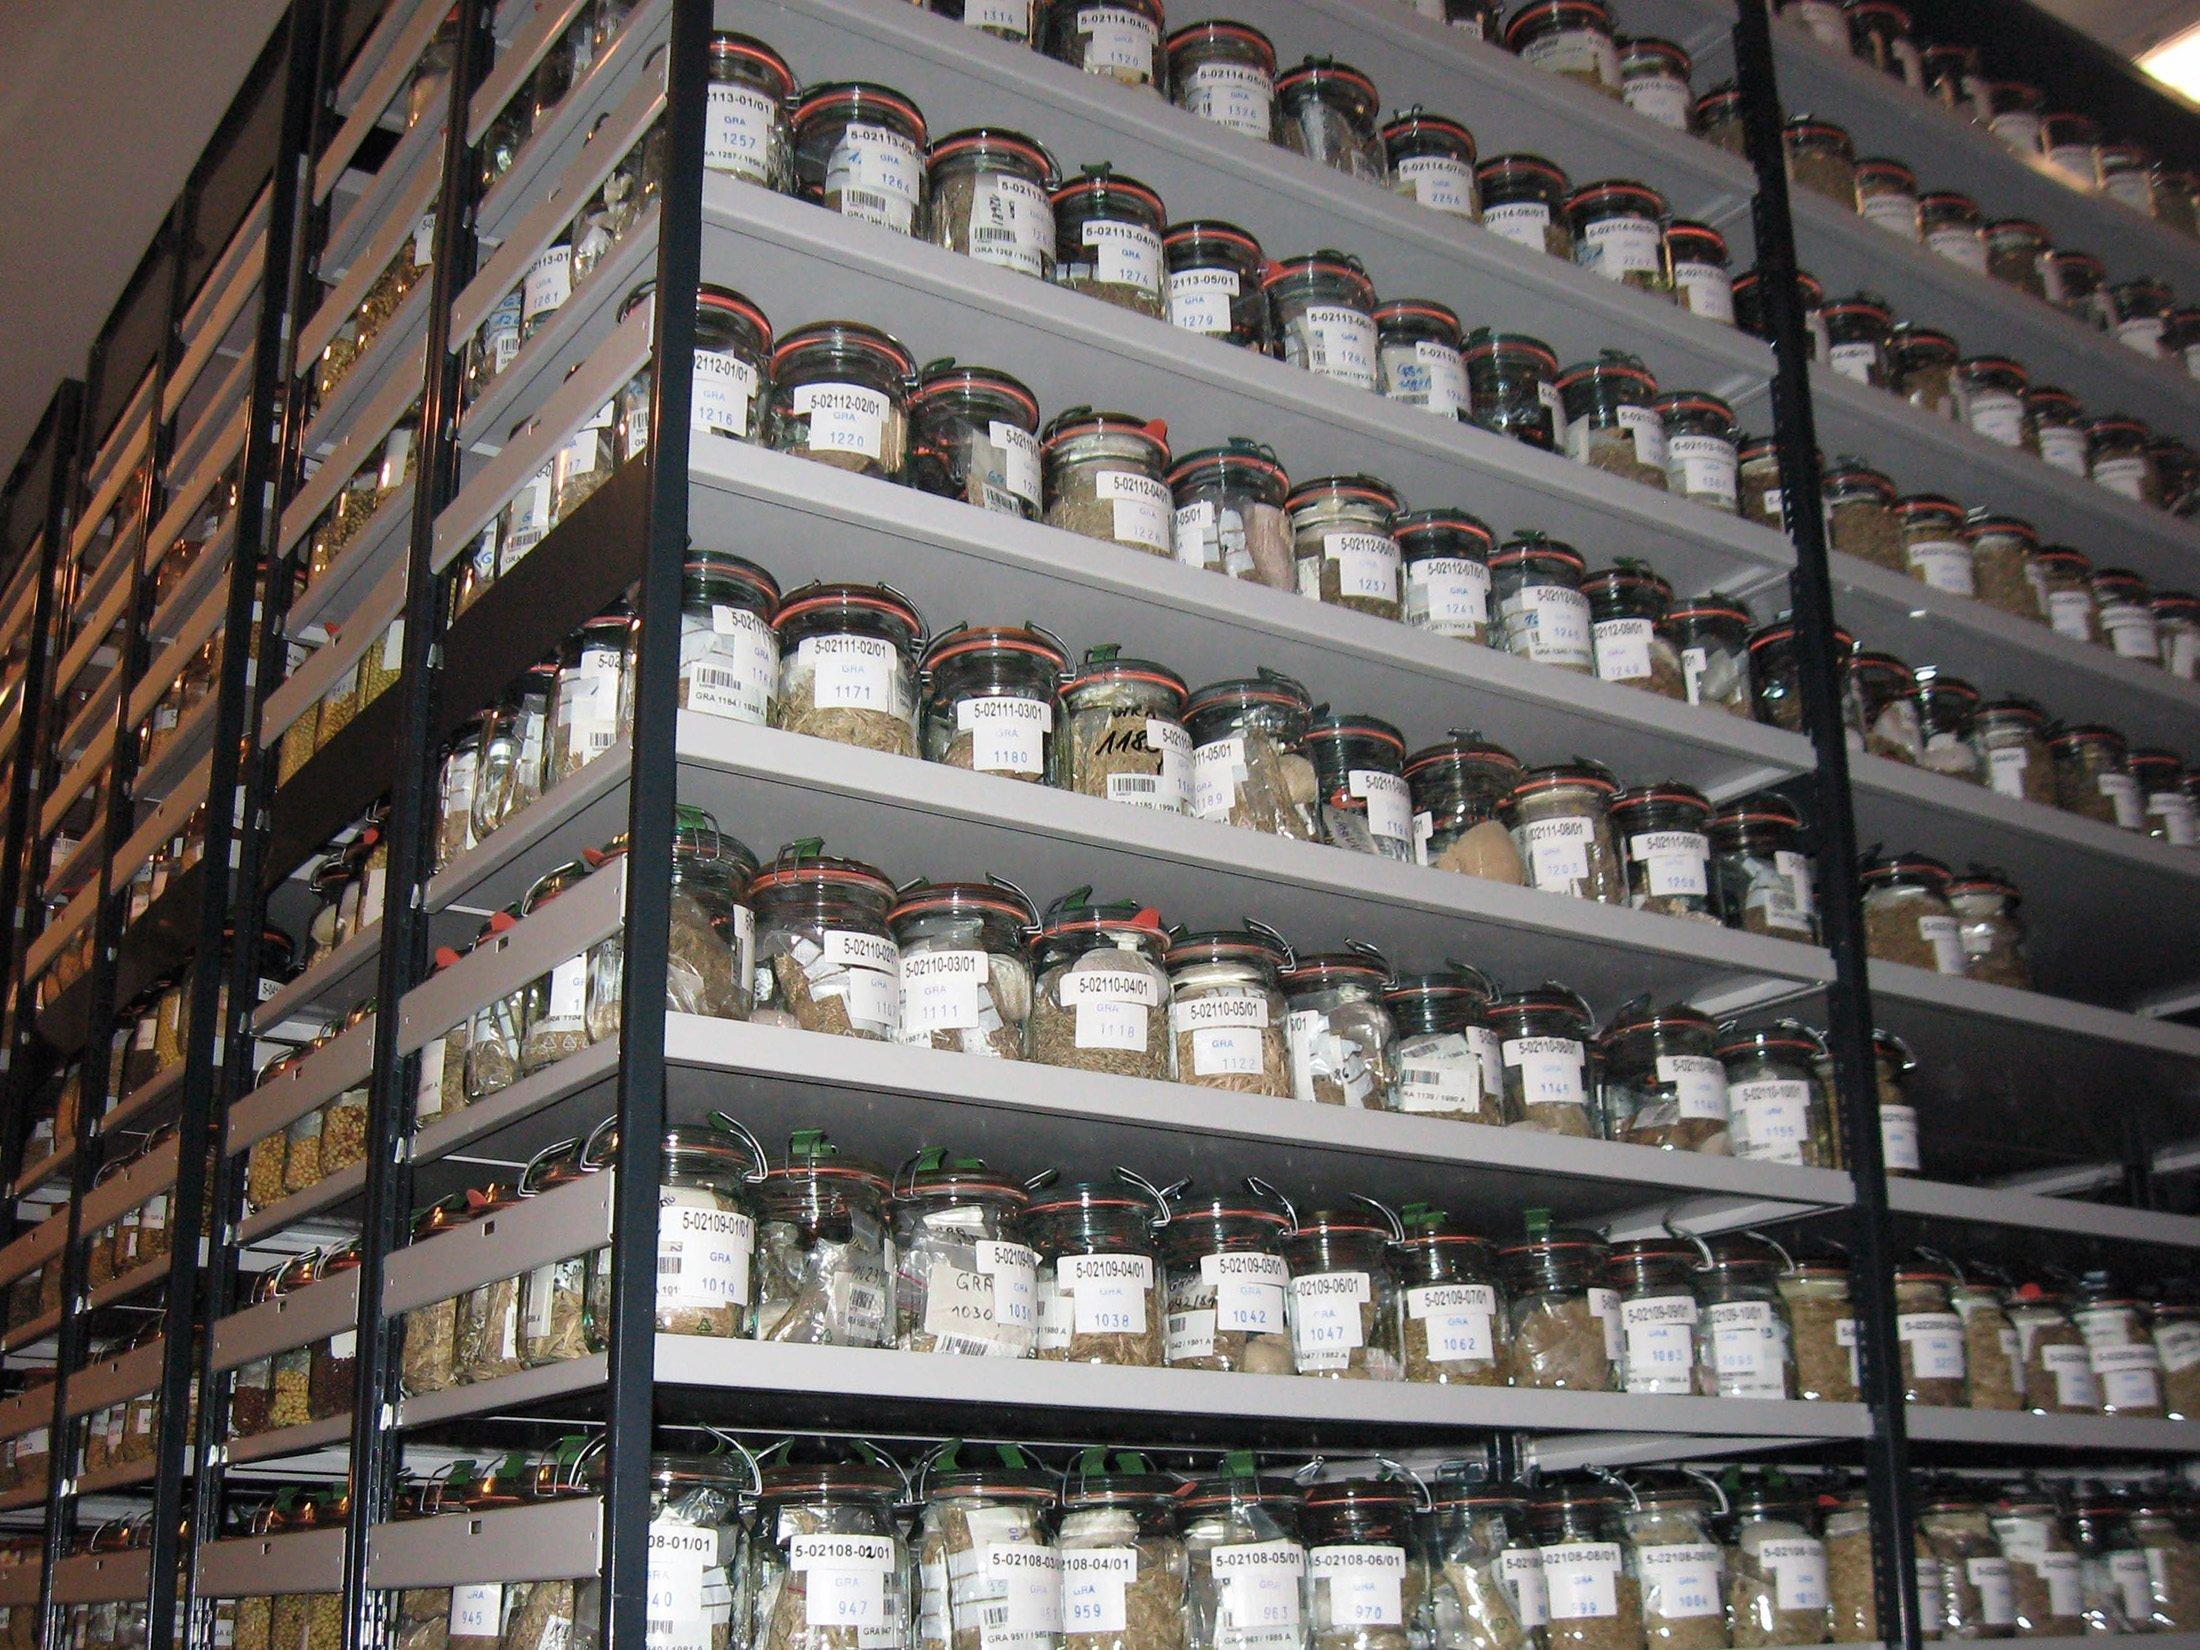 Ein fensterloser Raum steht voller Regale, die vom Boden bis zur Decke  mit verschlossenen Weckgläsern gefüllt sind. Die Gläser enthalten verschiedene Samen. Alle Gläser sind etikettiert und tragen eine zehnstellige Kennnummer.